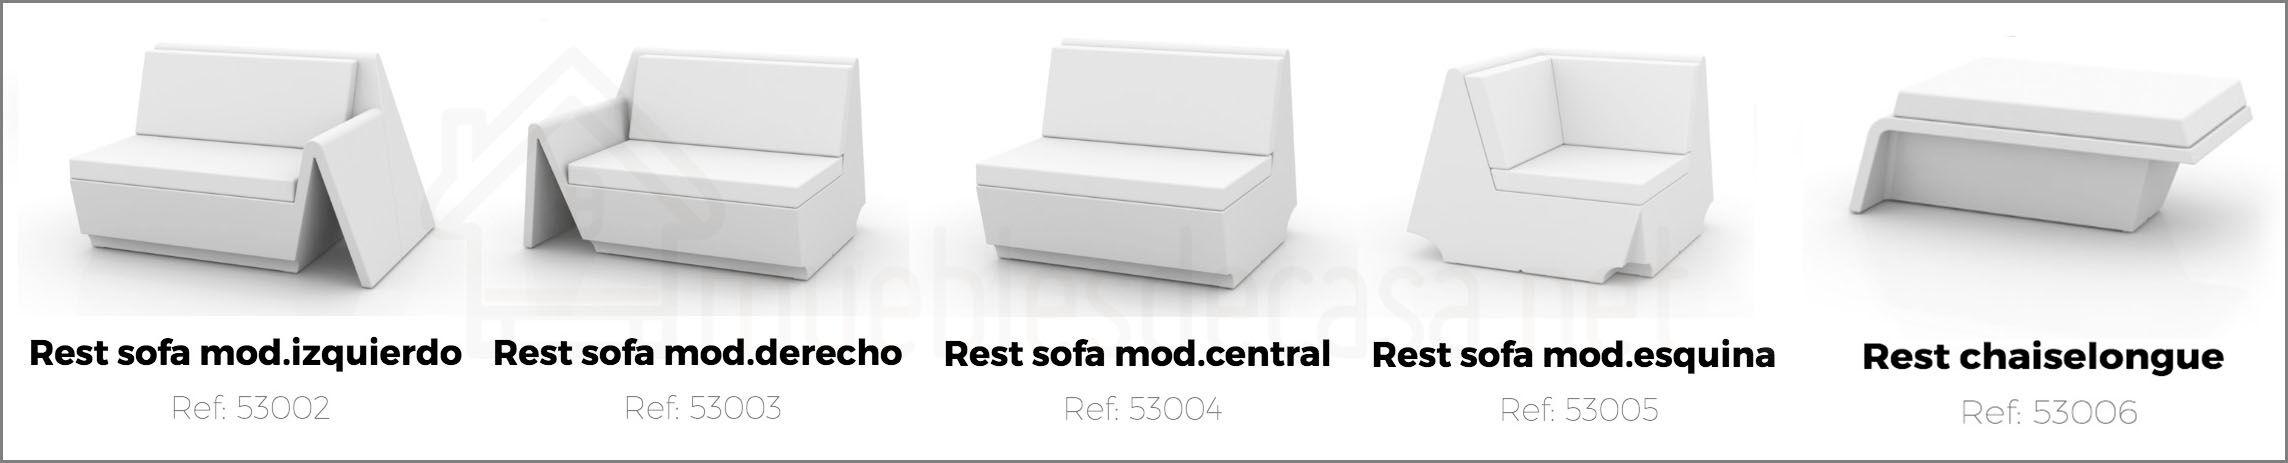 sofa rest vondom